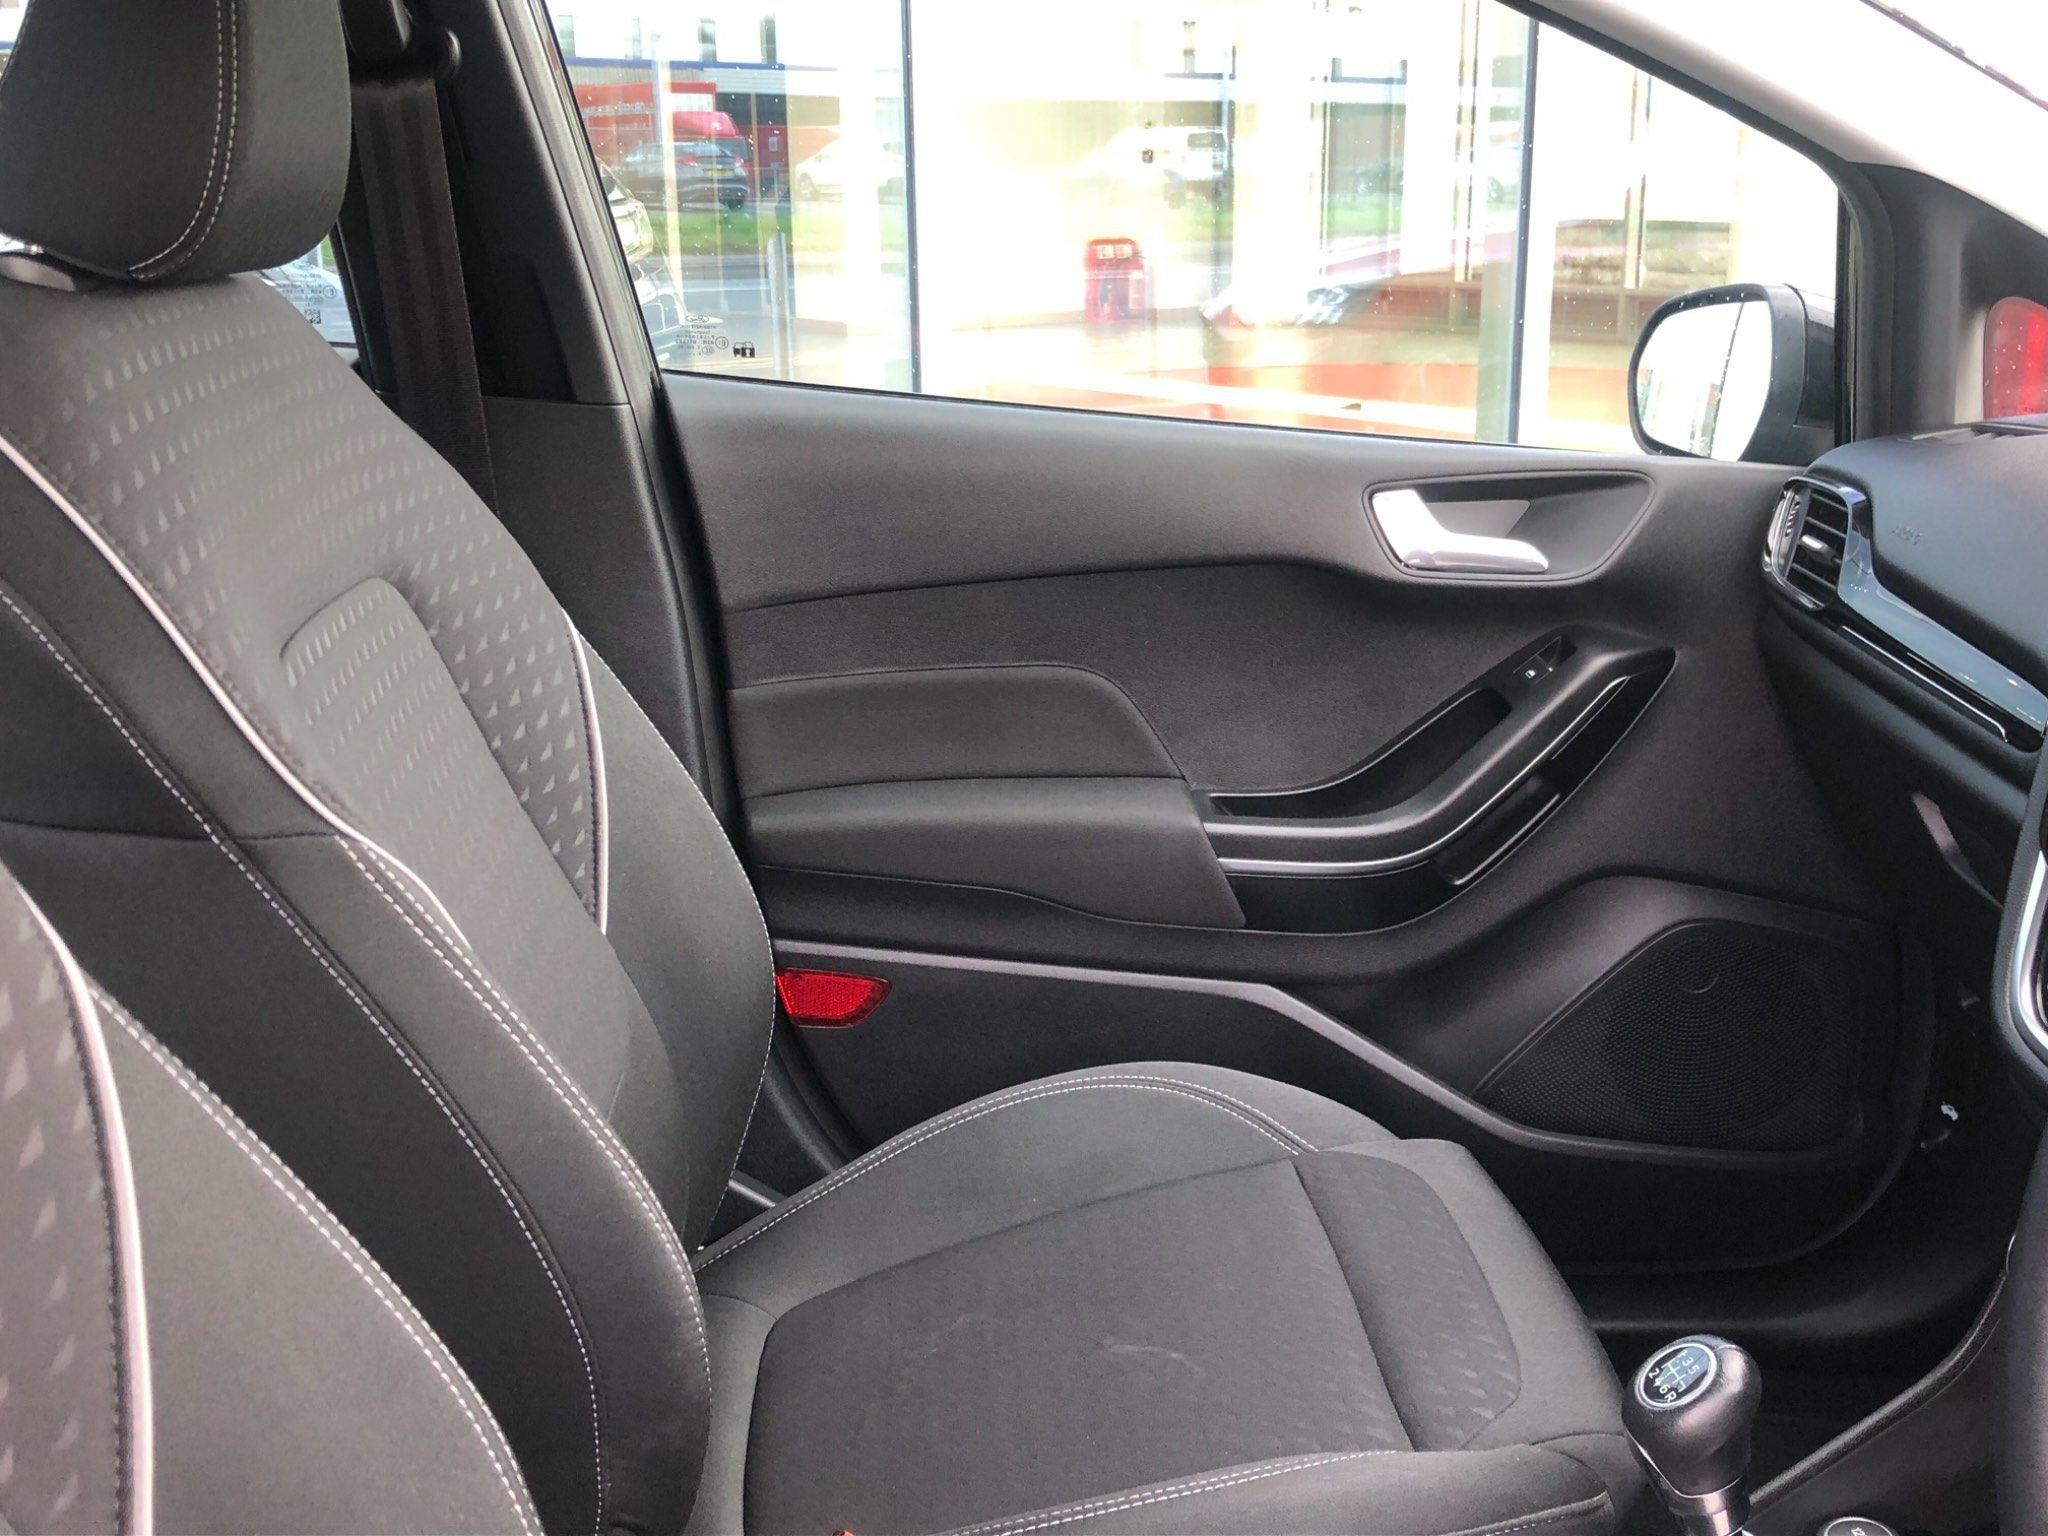 2019 Ford Fiesta EcoBoost Zetec full